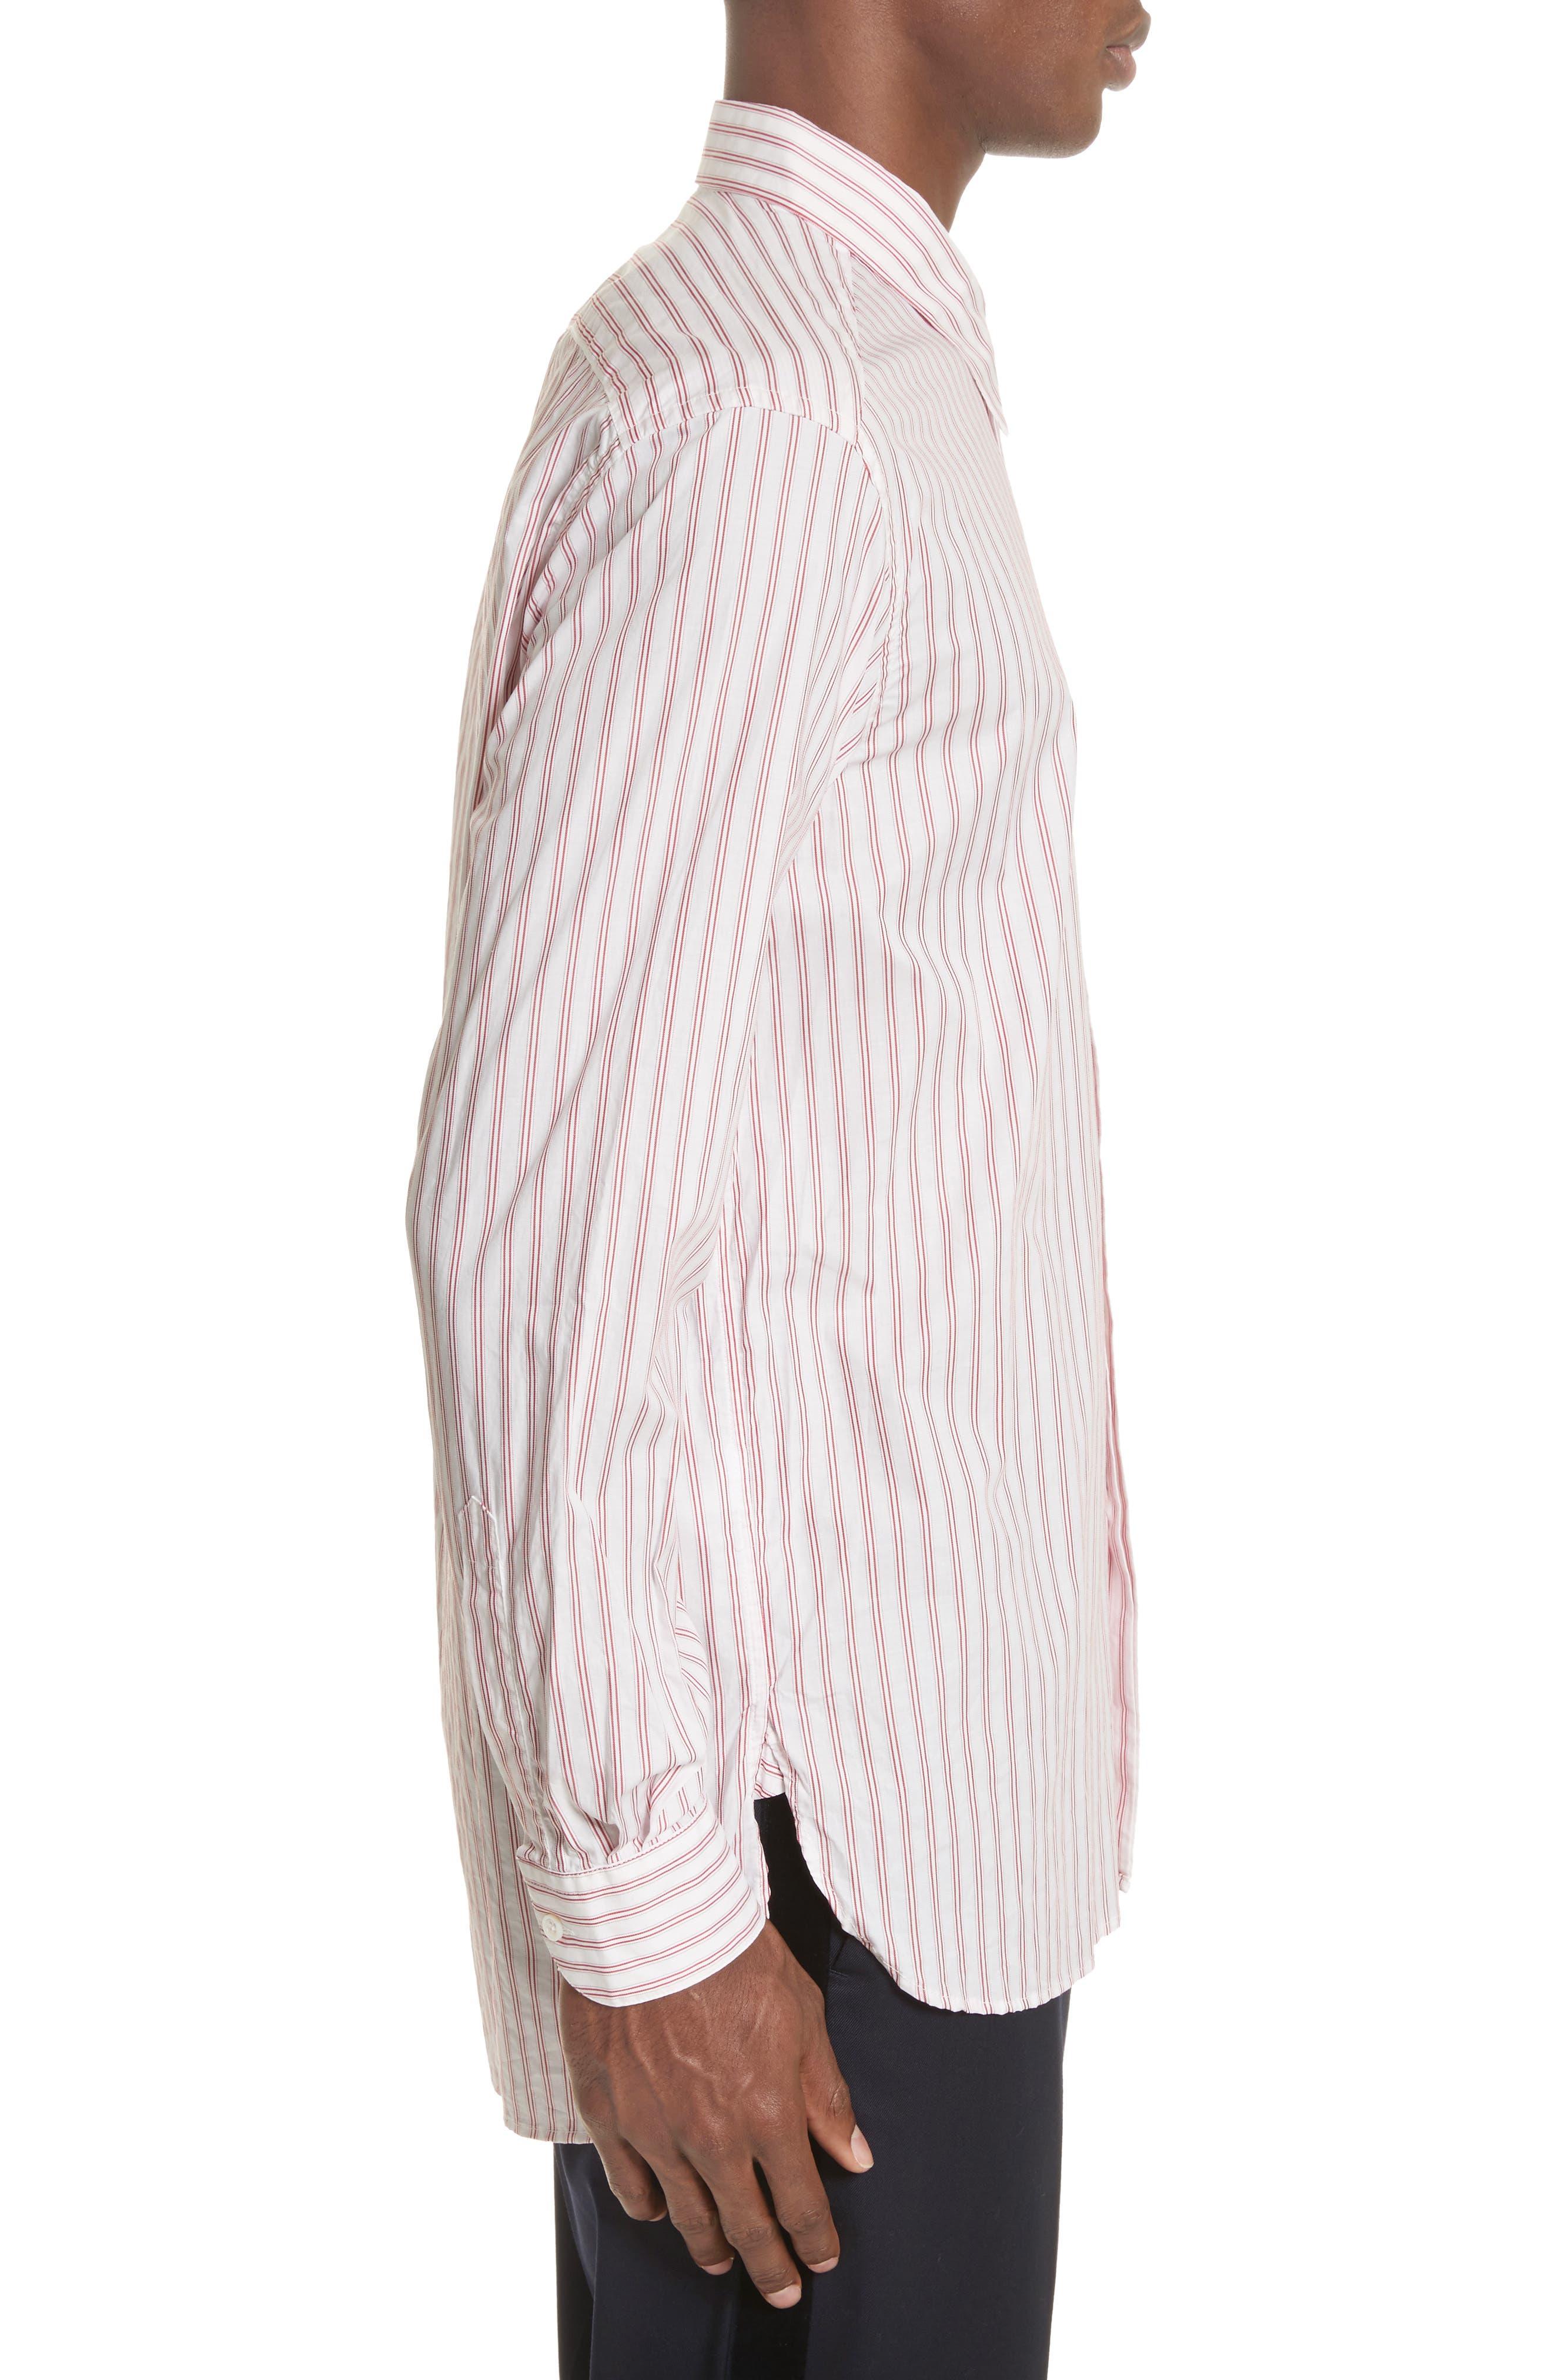 Aega Striped Sport Shirt,                             Alternate thumbnail 5, color,                             Unico